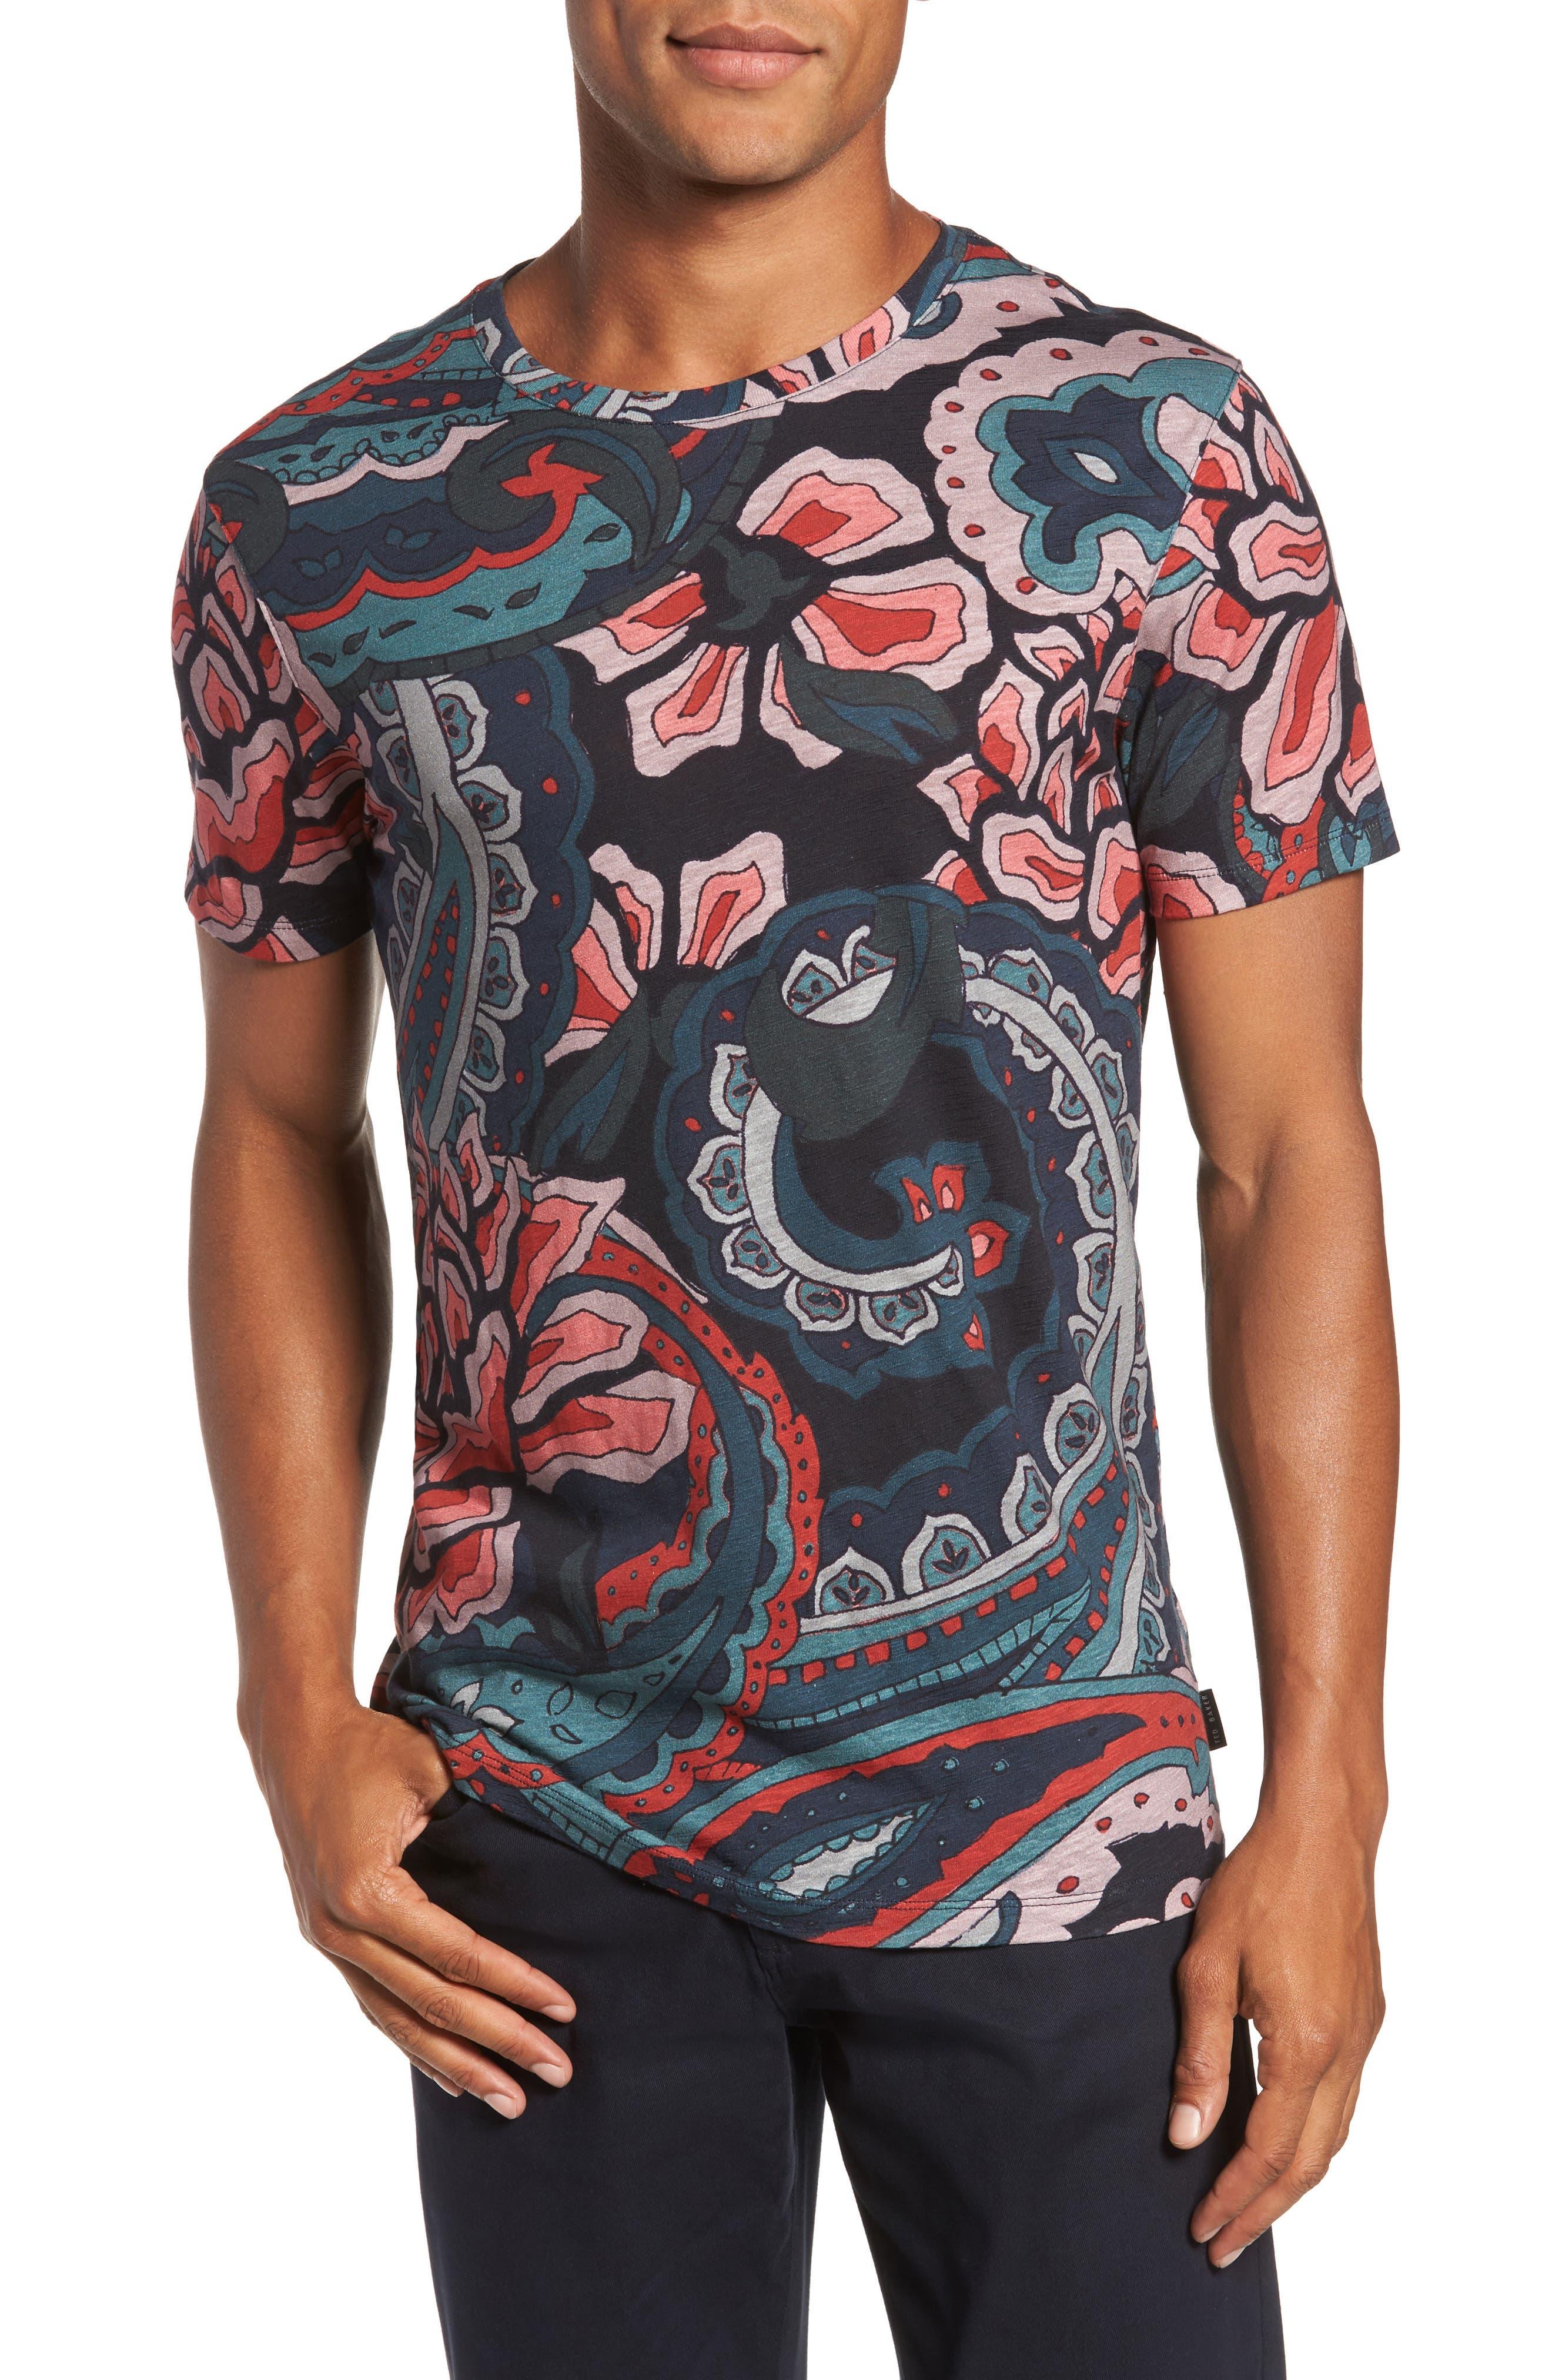 Batsby Paisley Print T-Shirt,                         Main,                         color, 601